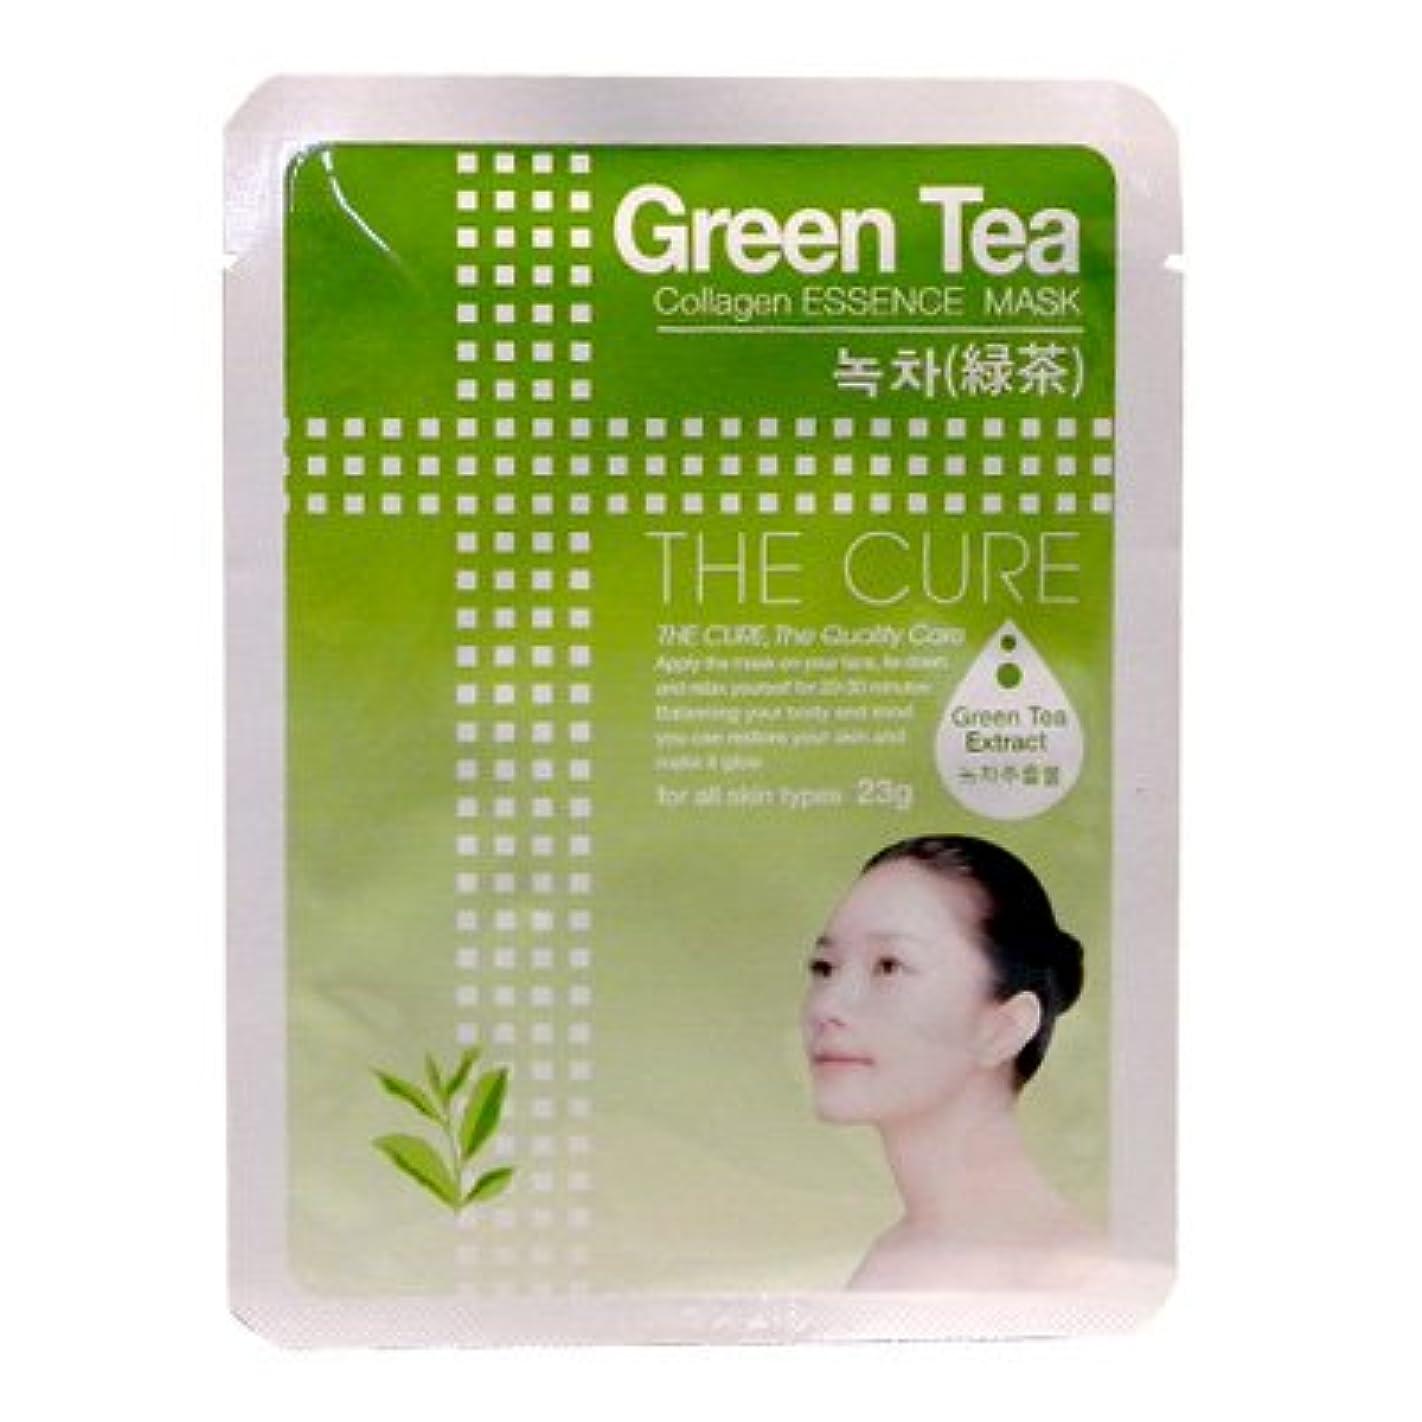 市長かまどフィヨルドCURE マスク シートパック 緑茶